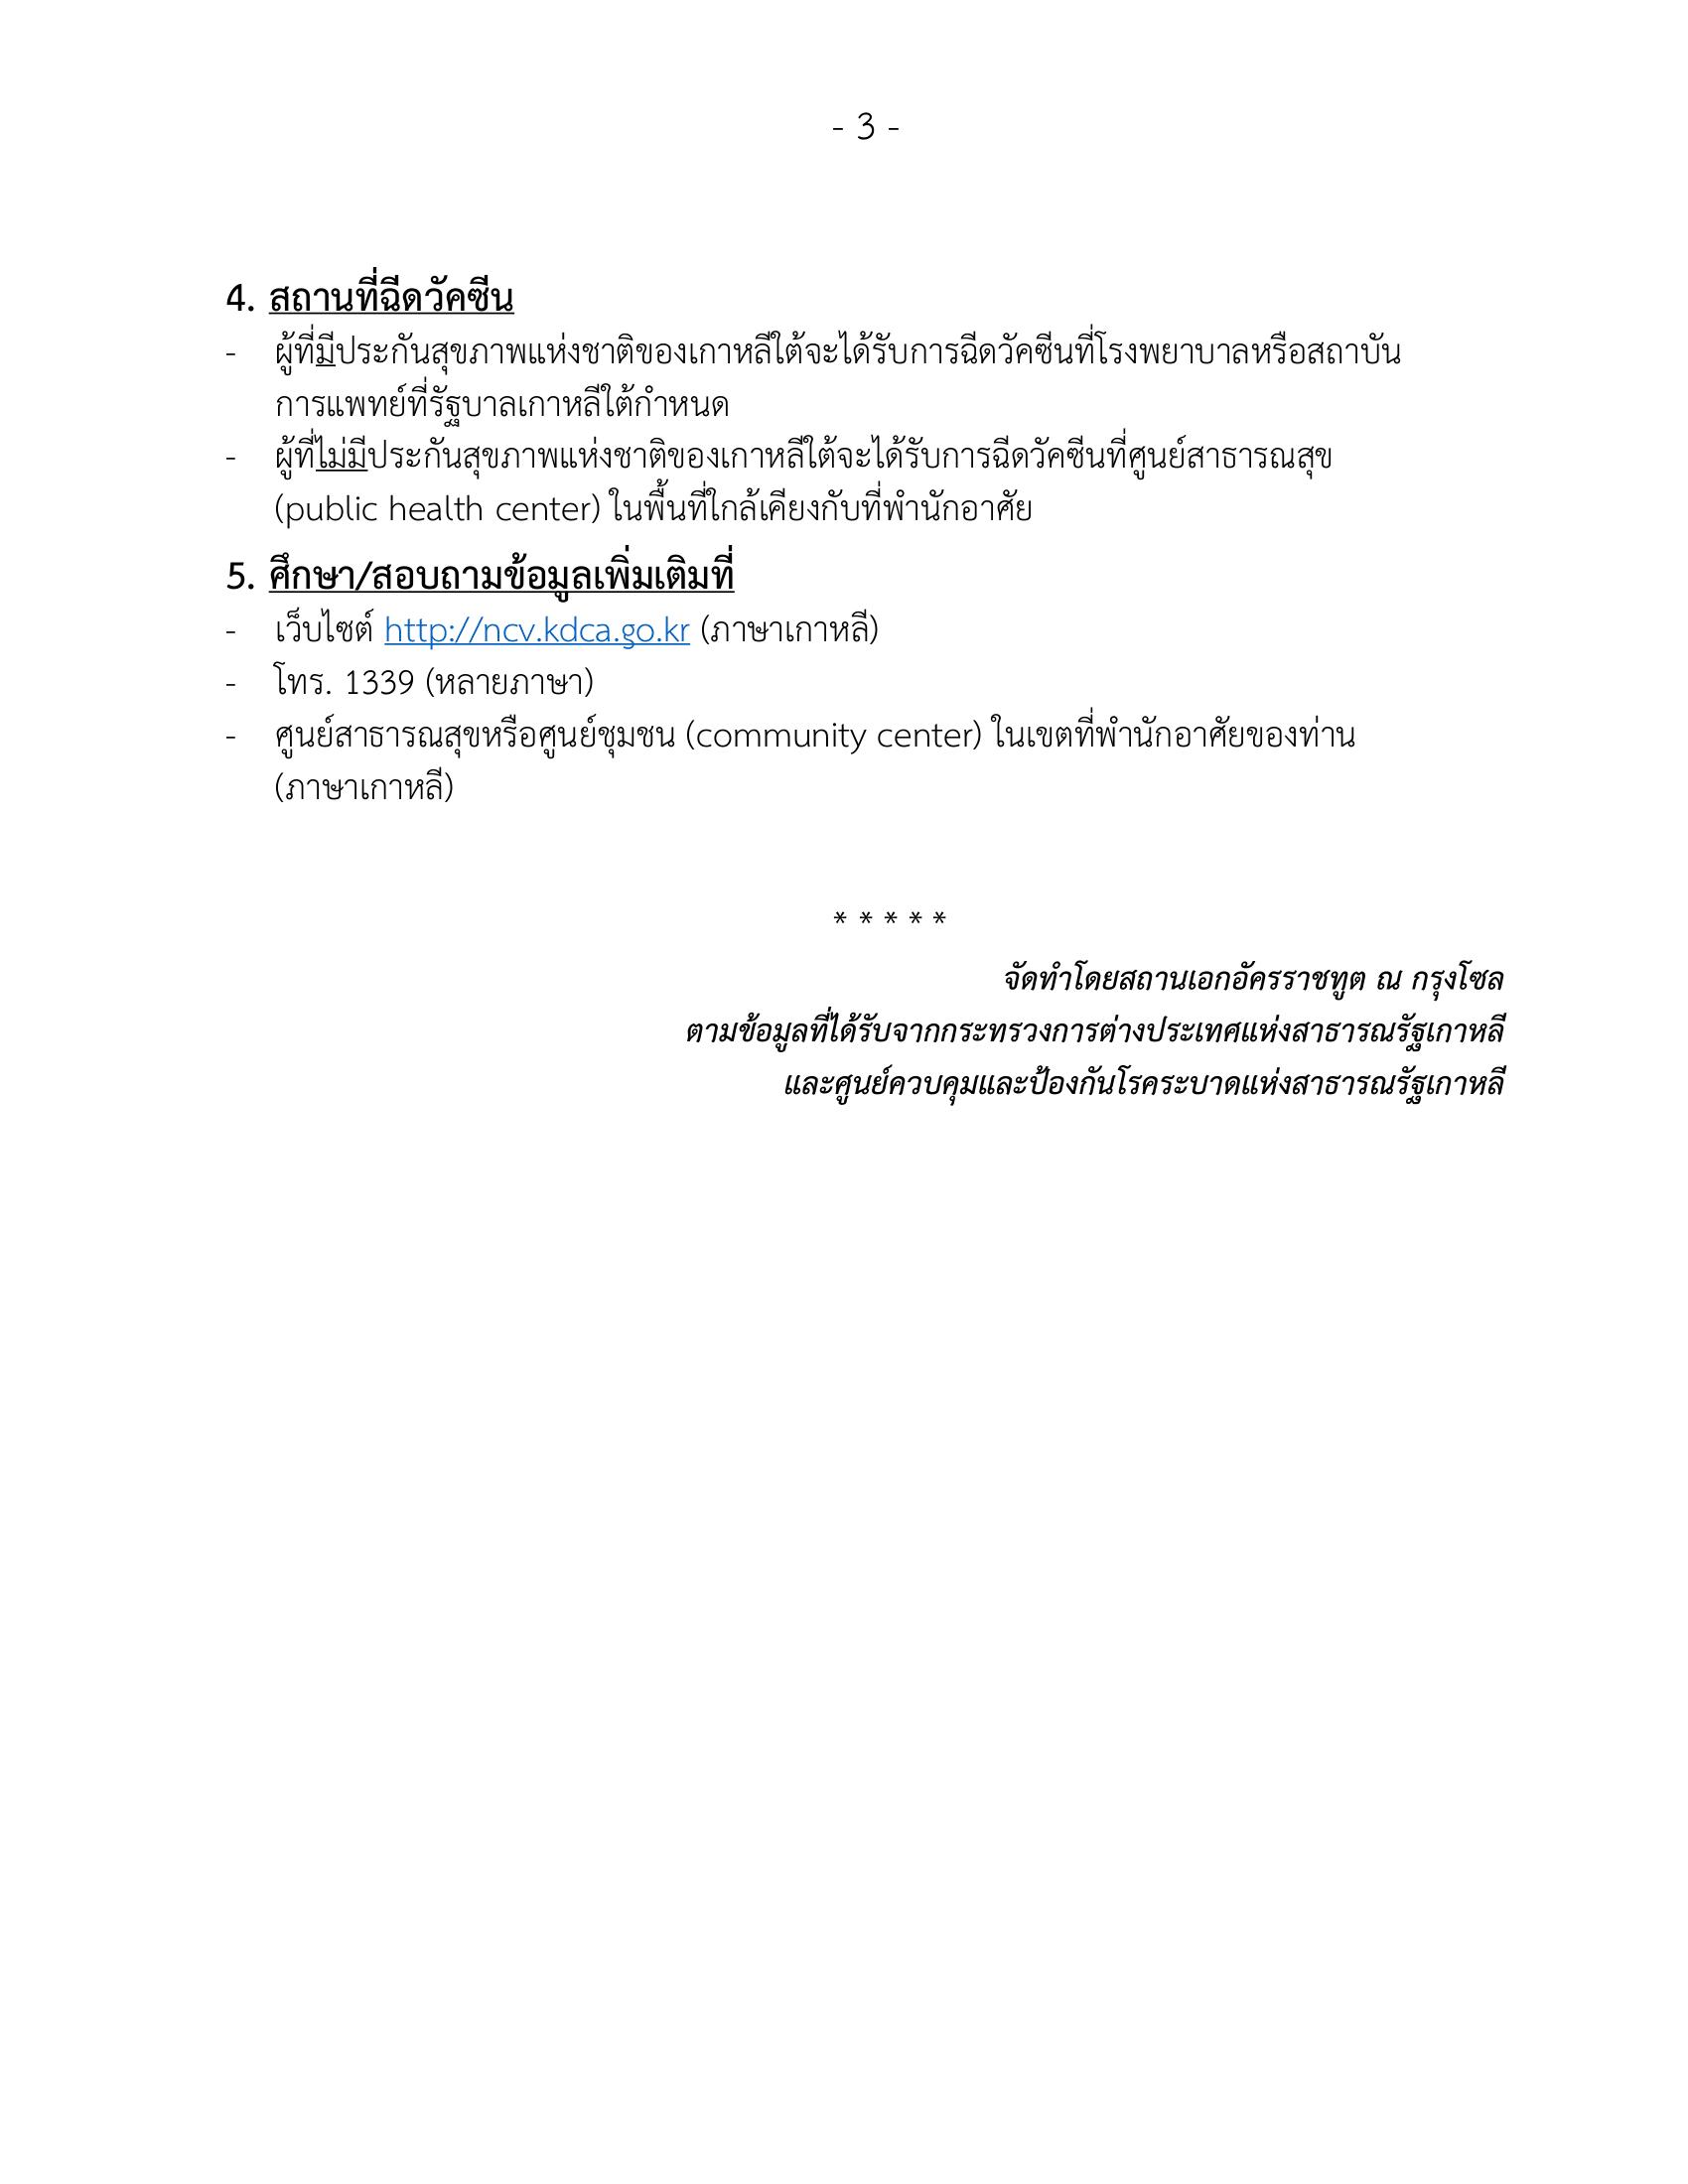 ประกาศลำดับการฉีดวัคซีน_4.8.2021_2-3